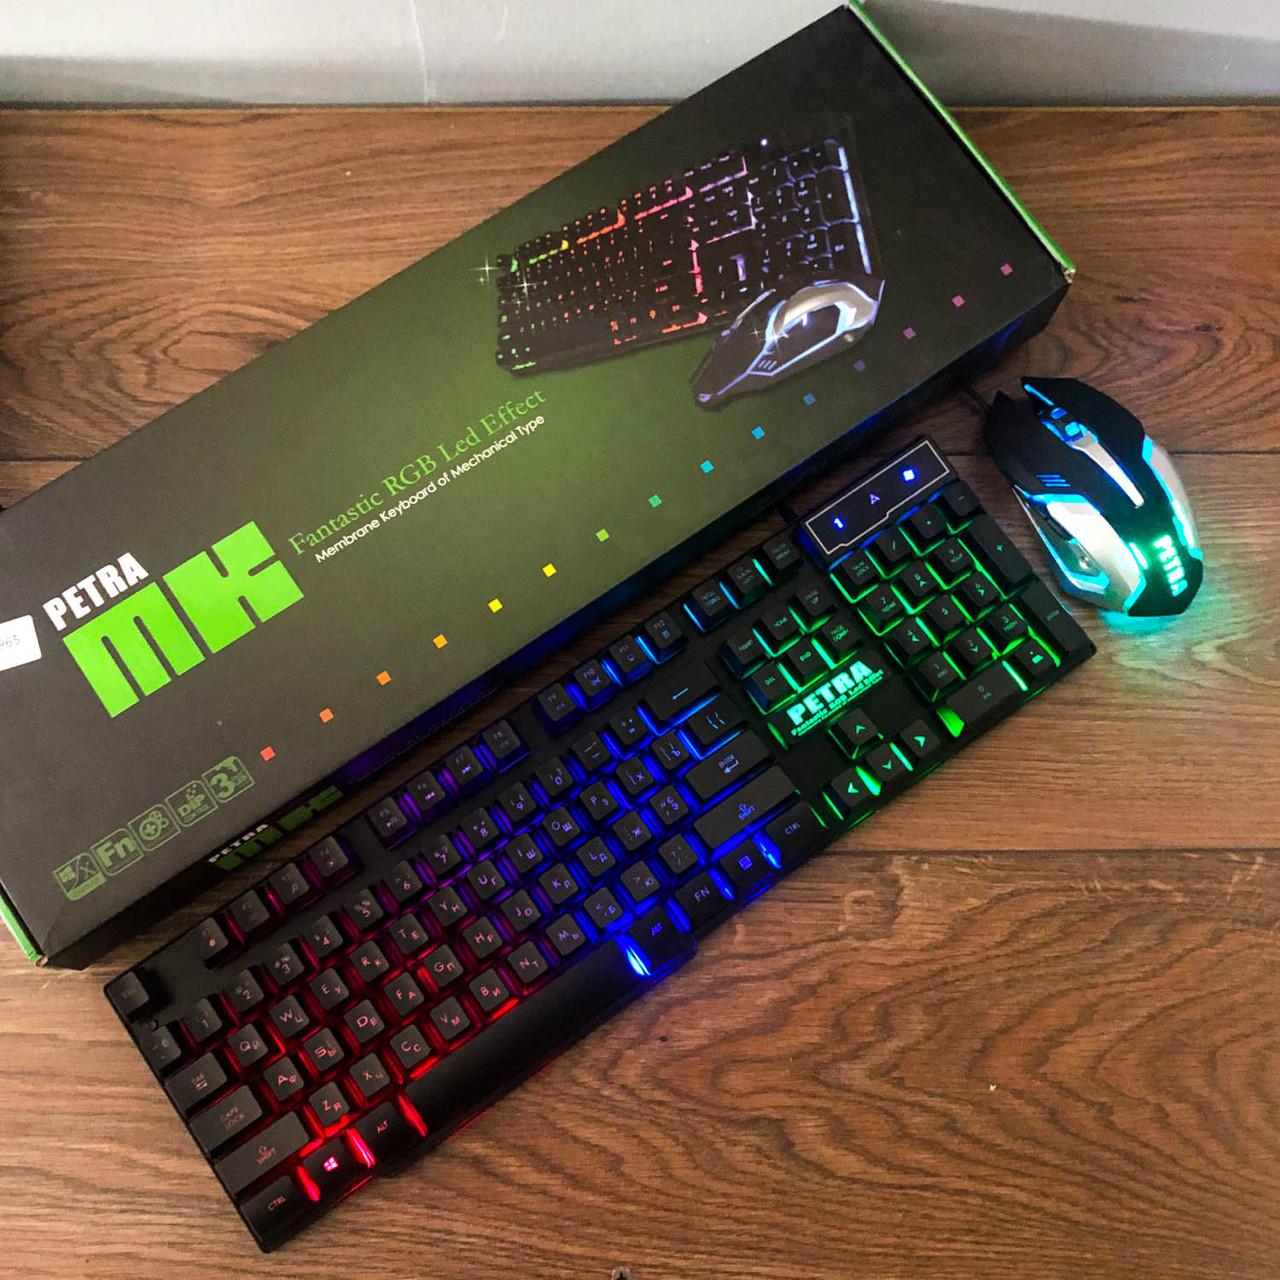 Игровой комплект клавиатура и мышь PETRA MK для ПК компьютера геймерский с RGB подсветкой